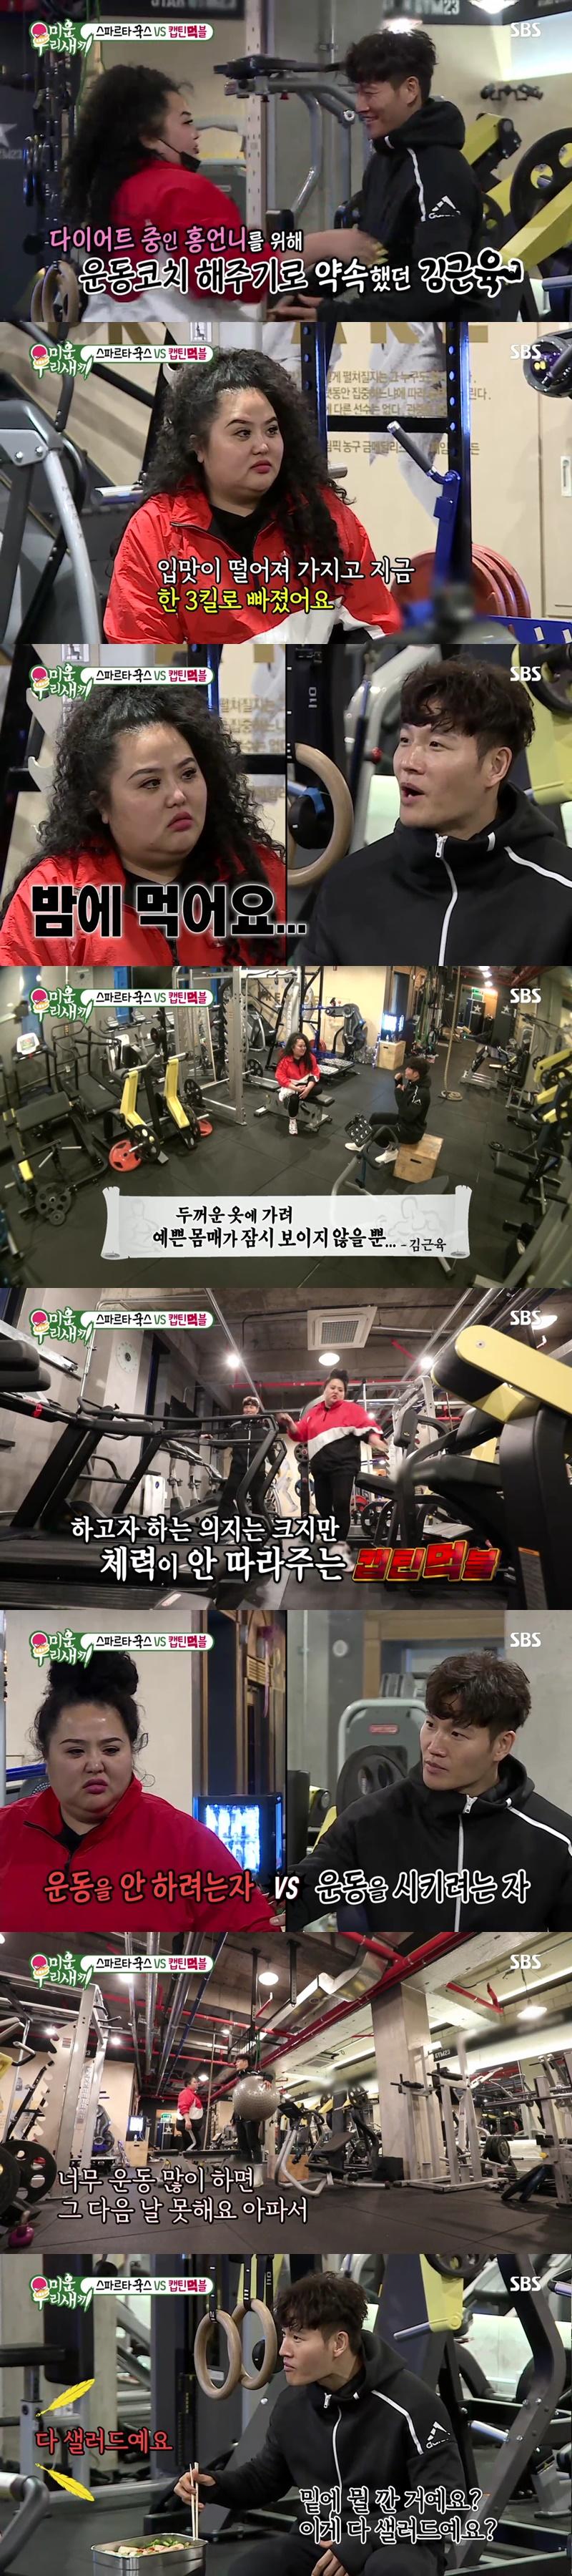 '미우새' 김종국X홍선영 '세기의 대결'... 다이어트 성공할까